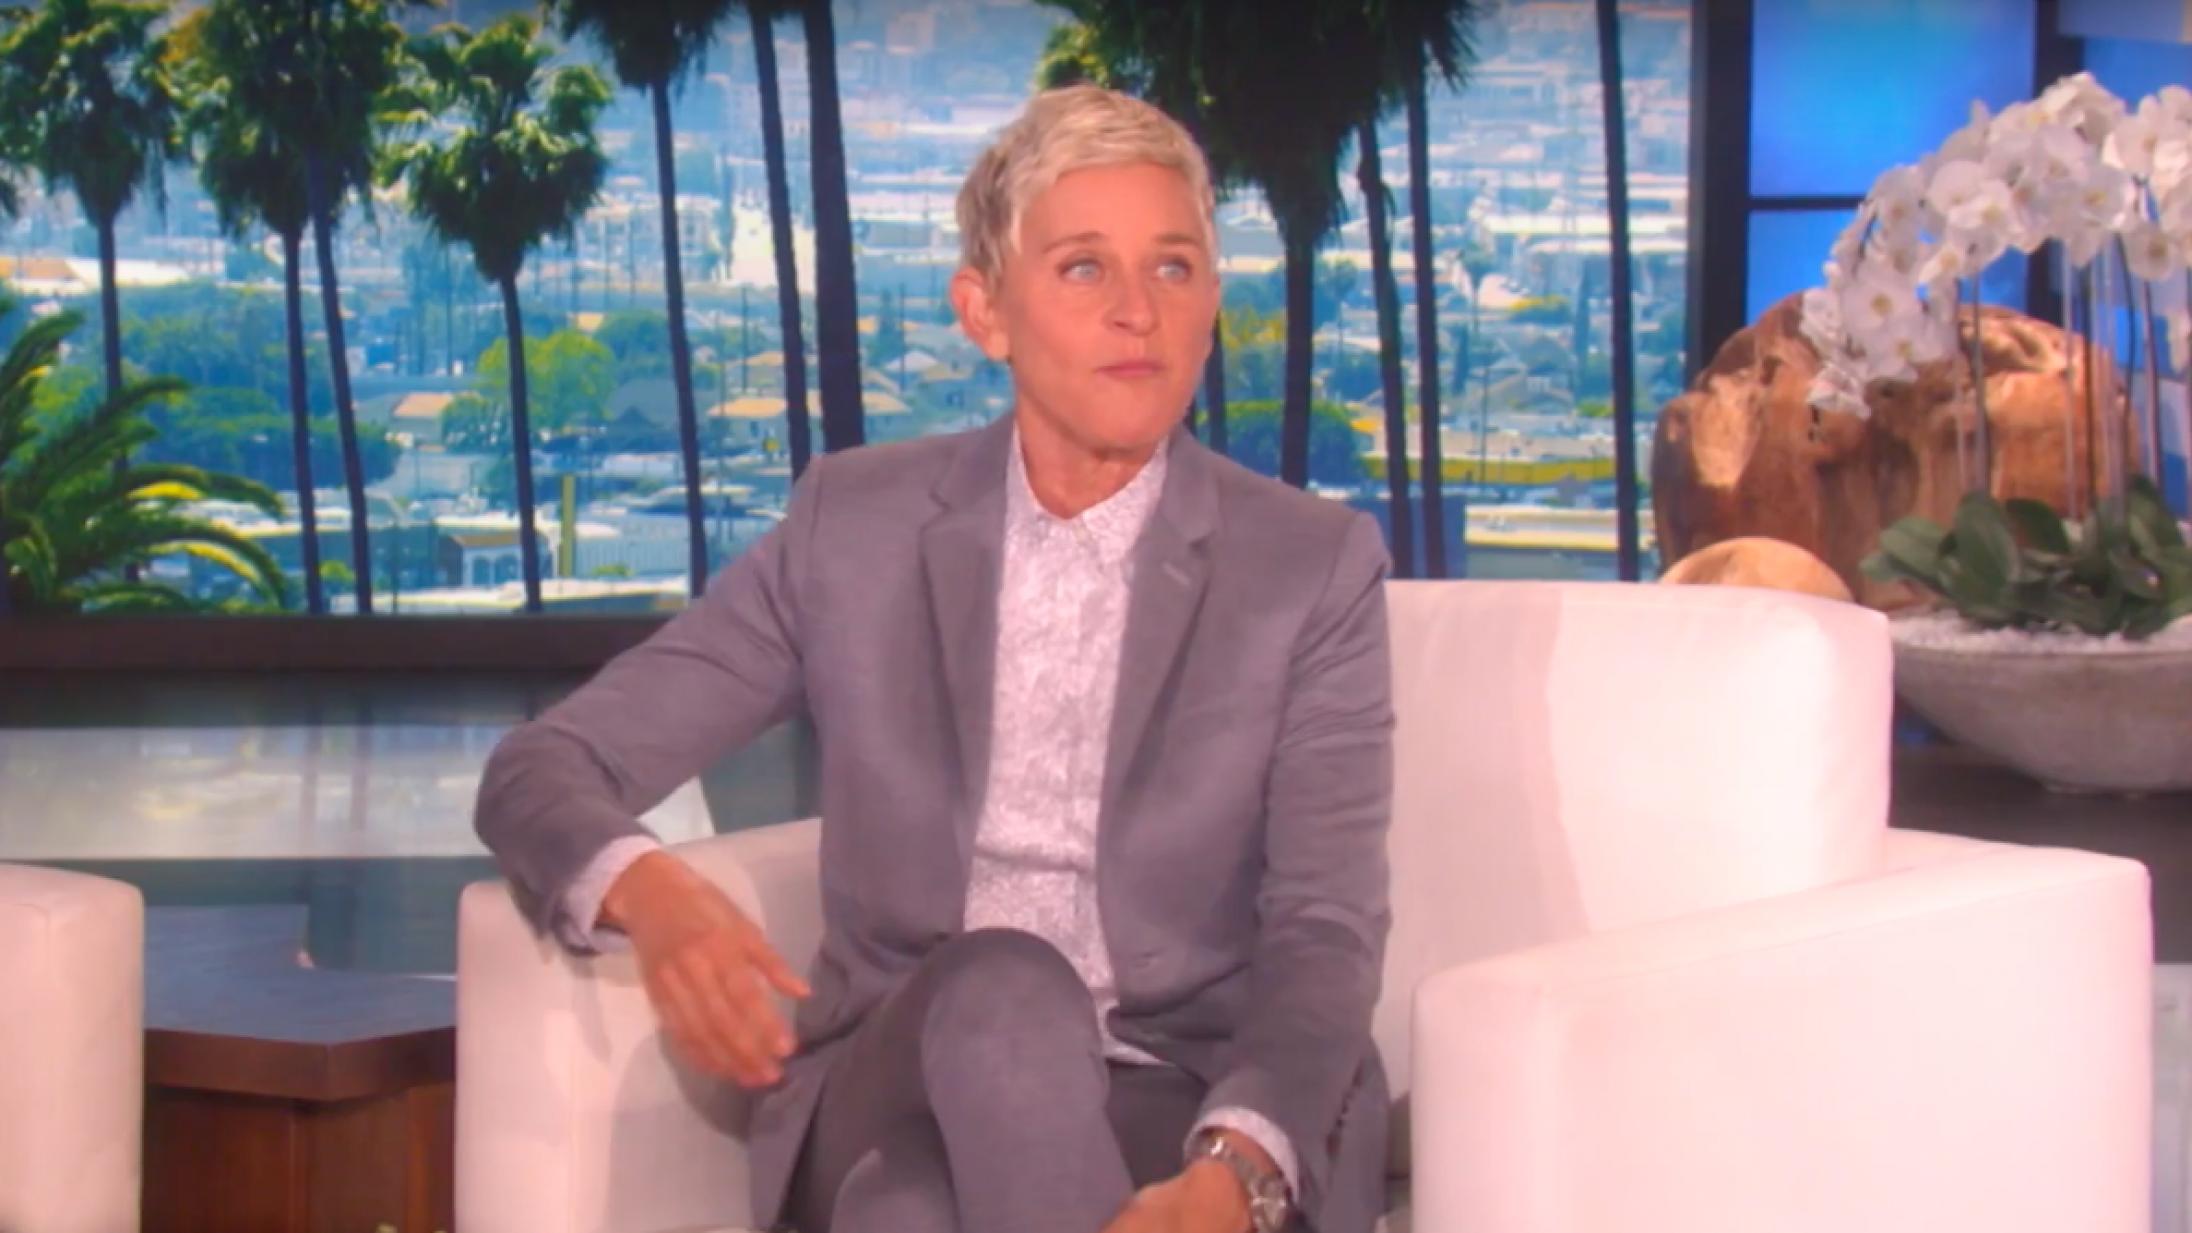 Det »giftige arbejdsmiljø« på 'The Ellen DeGeneres Show' efterforskes efter nye anklager om racisme og chikane